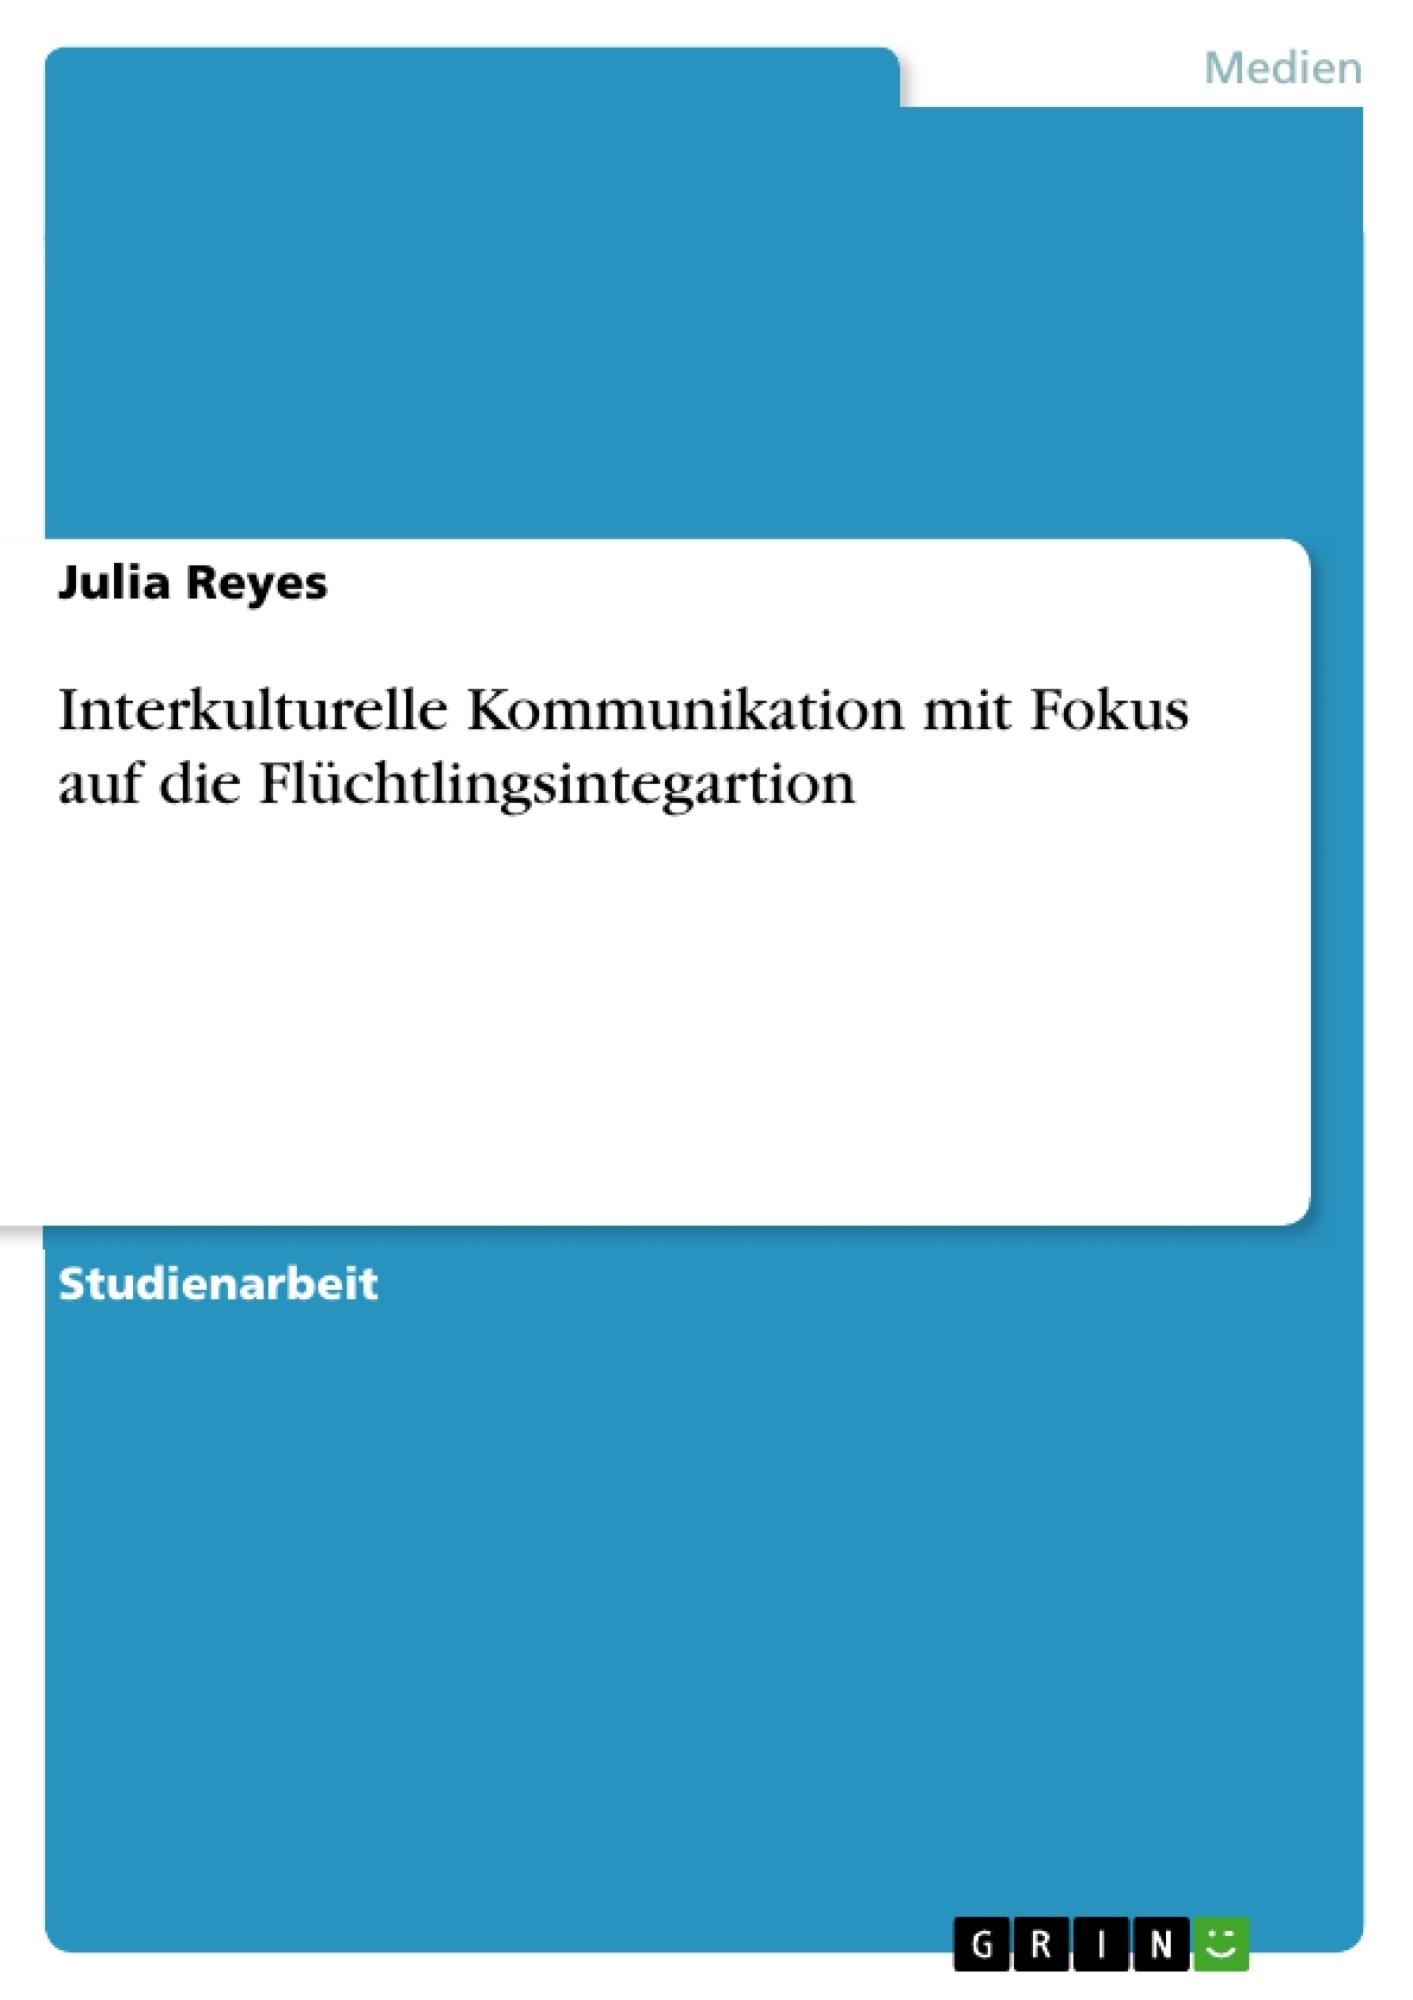 Titel: Interkulturelle Kommunikation mit Fokus auf die Flüchtlingsintegartion